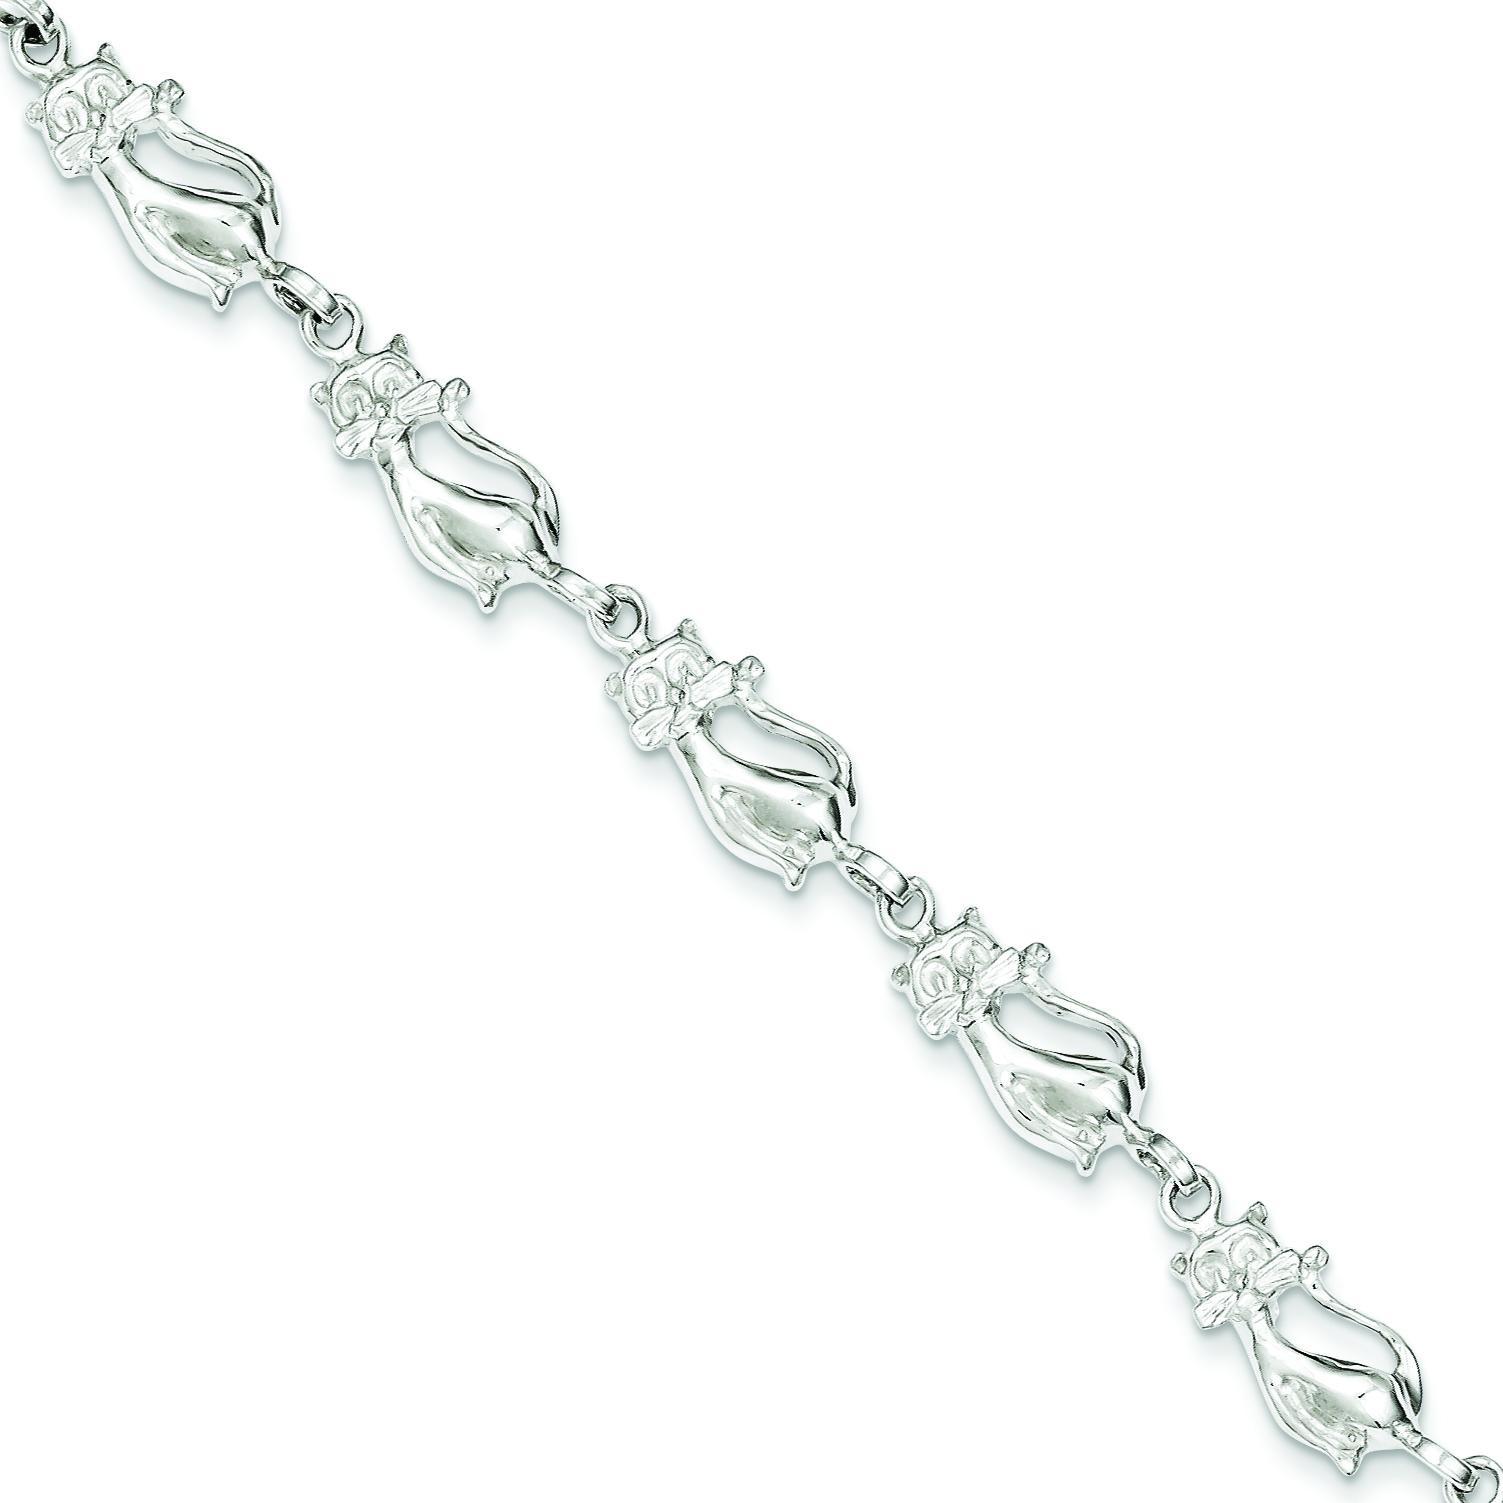 Cats Bracelet in Sterling Silver